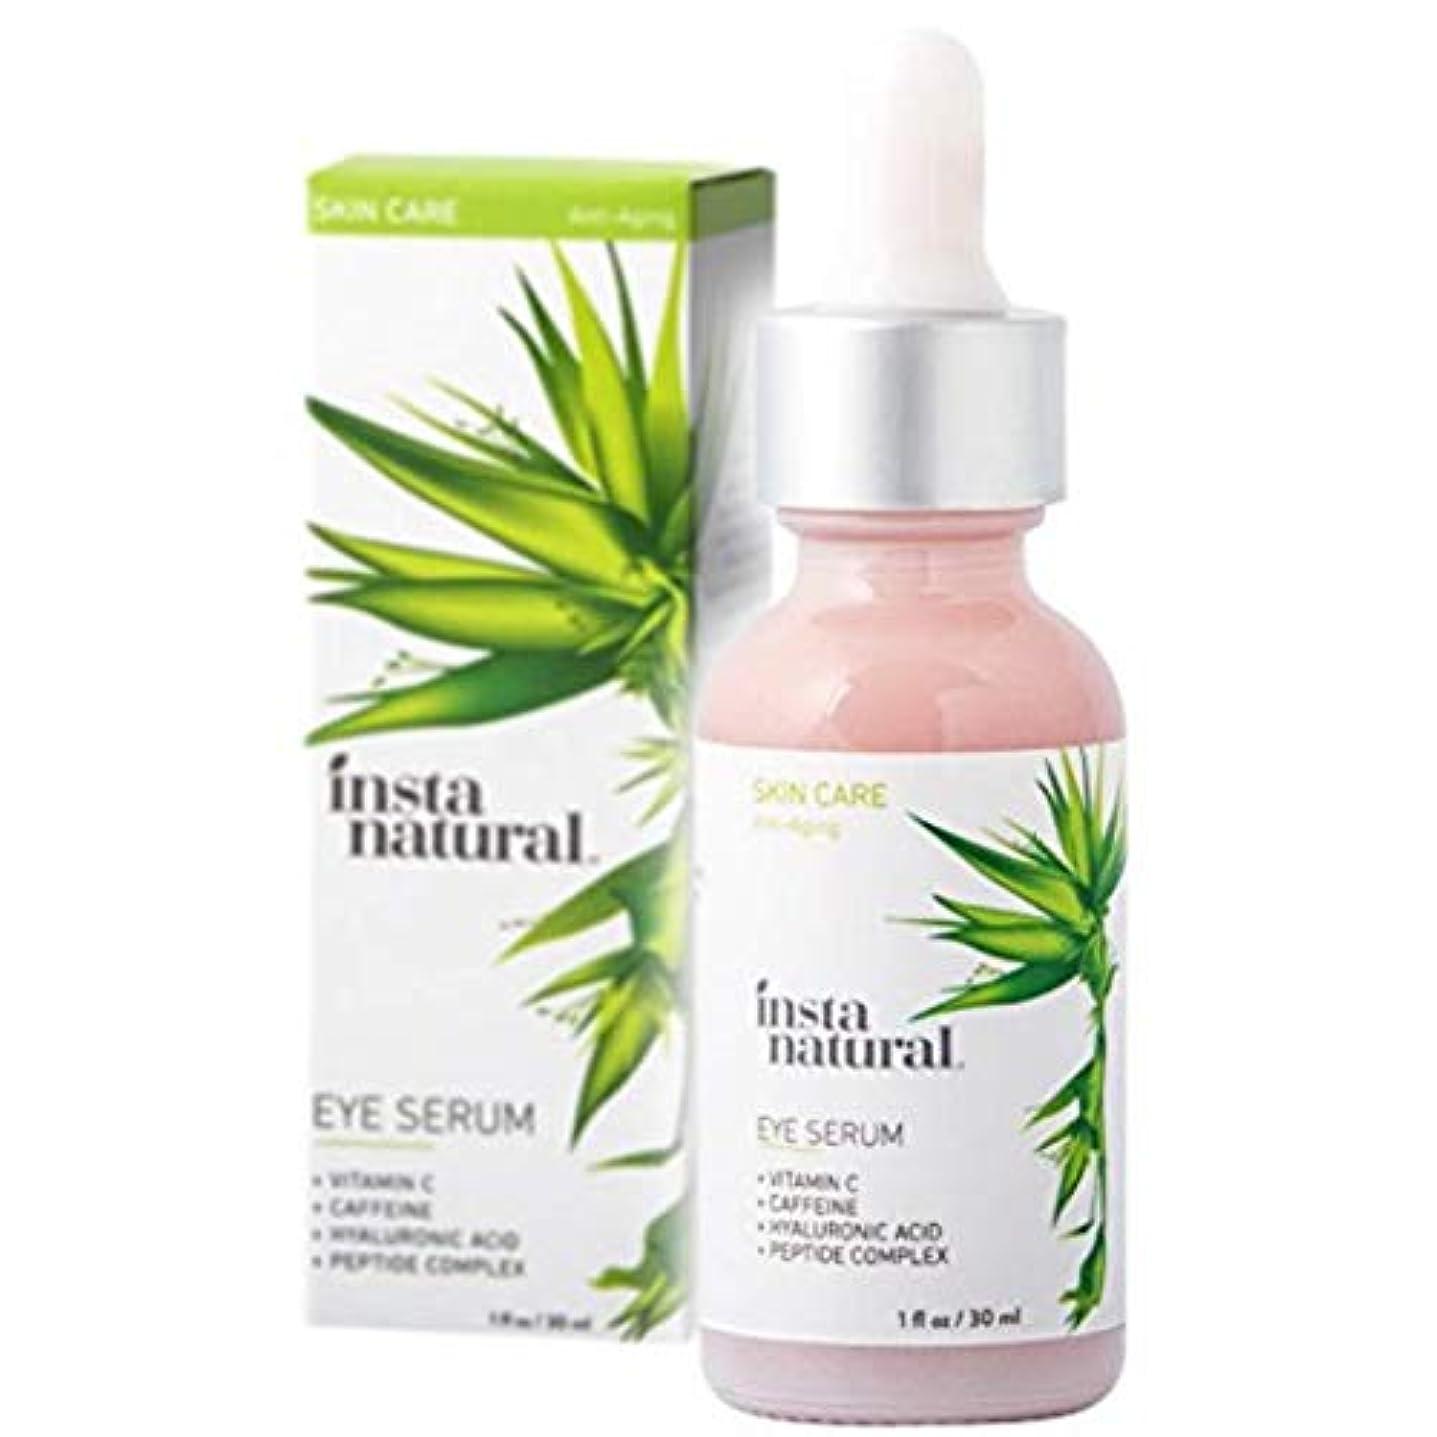 露骨ないたずらな展望台アイセラム - ビタミンC、カフェイン、ヒアルロン酸、植物幹細胞、アスタキサンチン、ペプチド複合体、麹酸、天然由来のビタミンE-InstaNatural-30ml